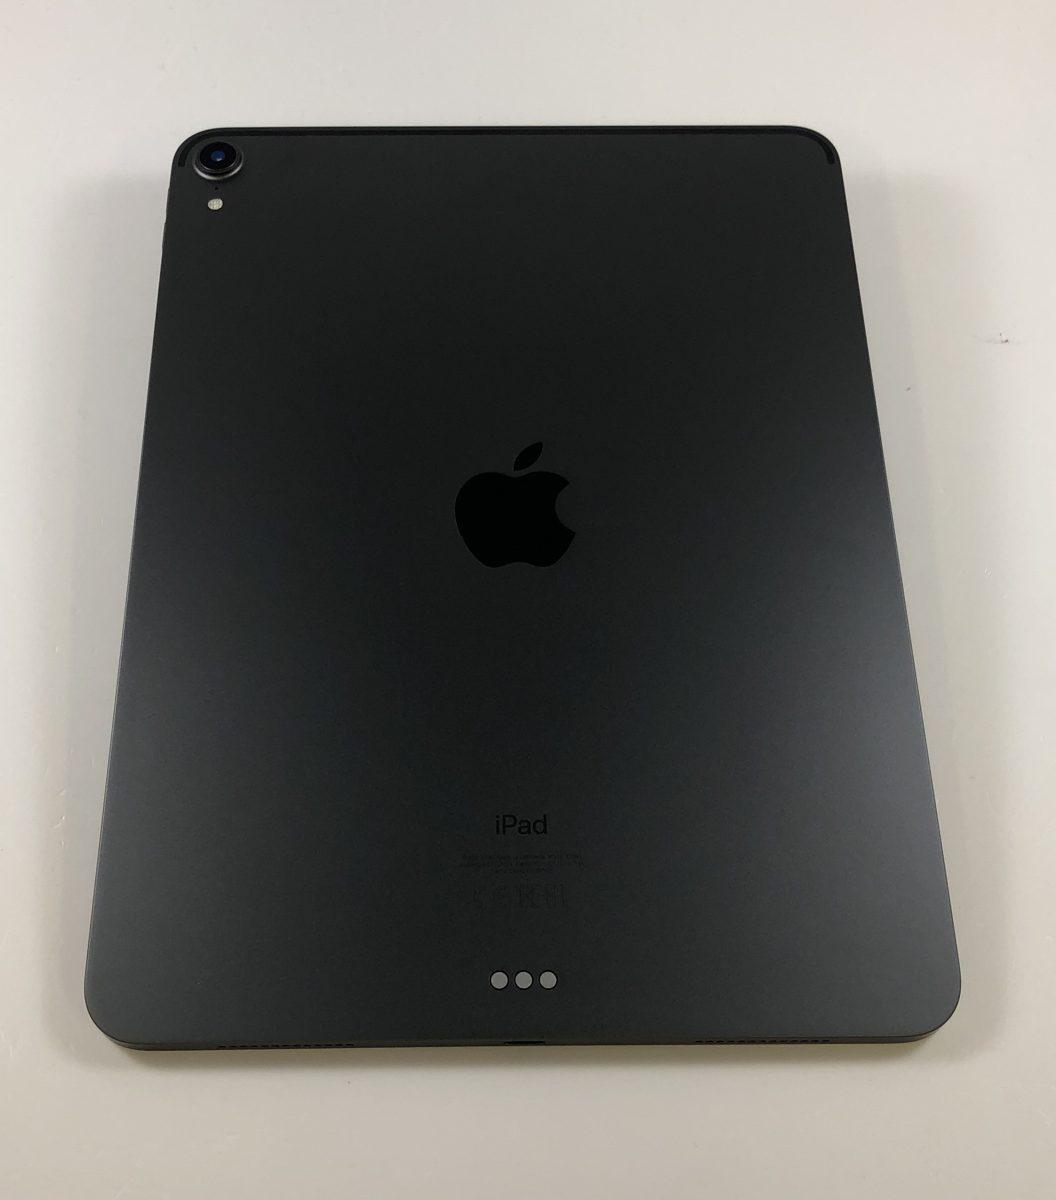 """iPad Pro 11"""" Wi-Fi 256GB, 256GB, Space Gray, image 2"""